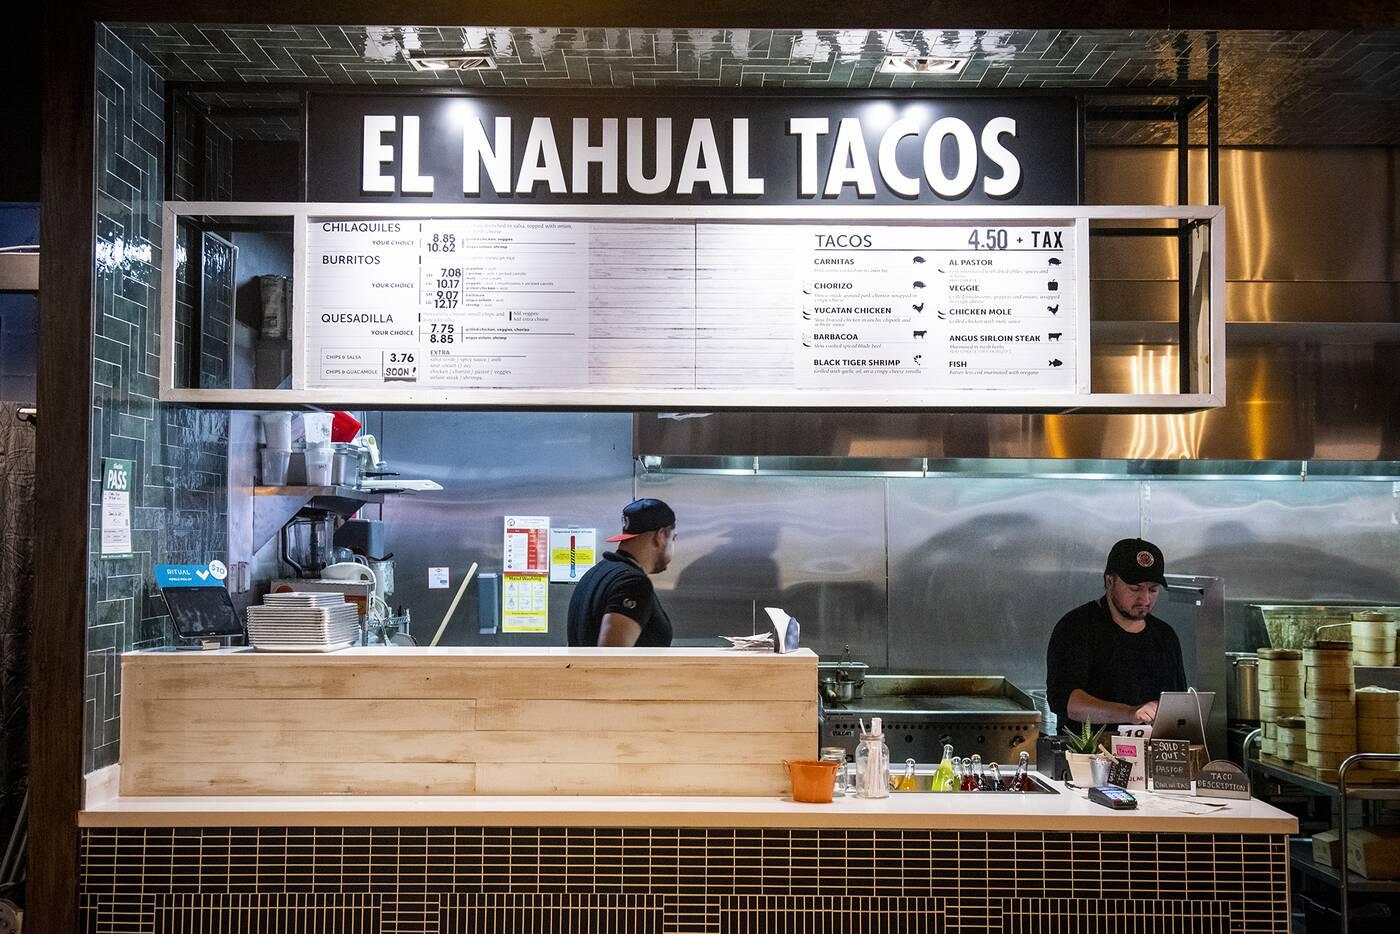 el nahual tacos toronto